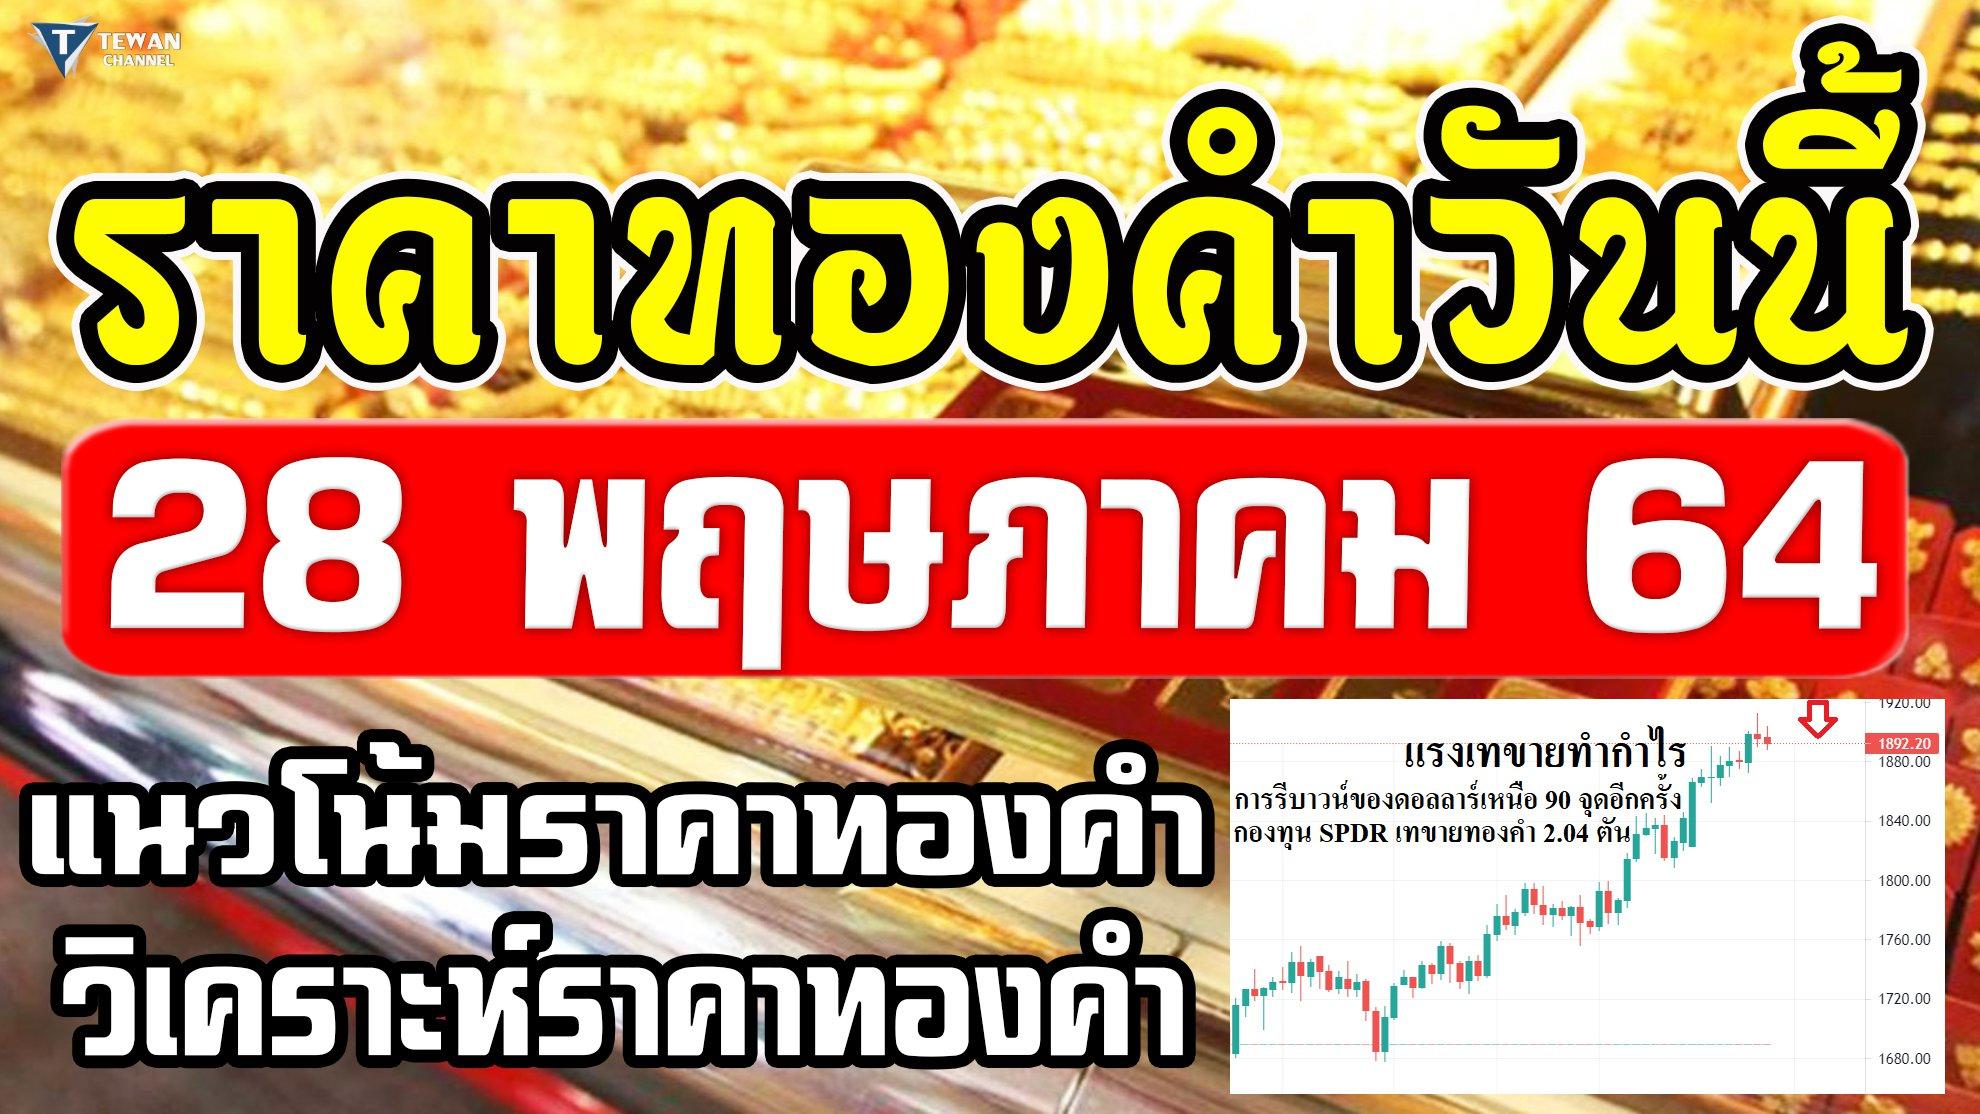 ราคาทองวันนี้ 28 พ.ค. 64 แนวโน้มราคาทอง ราคาทองคำวันนี้ วิเคราะห์ทองคำ ปัจจัยราคาทอง ราคาทอง